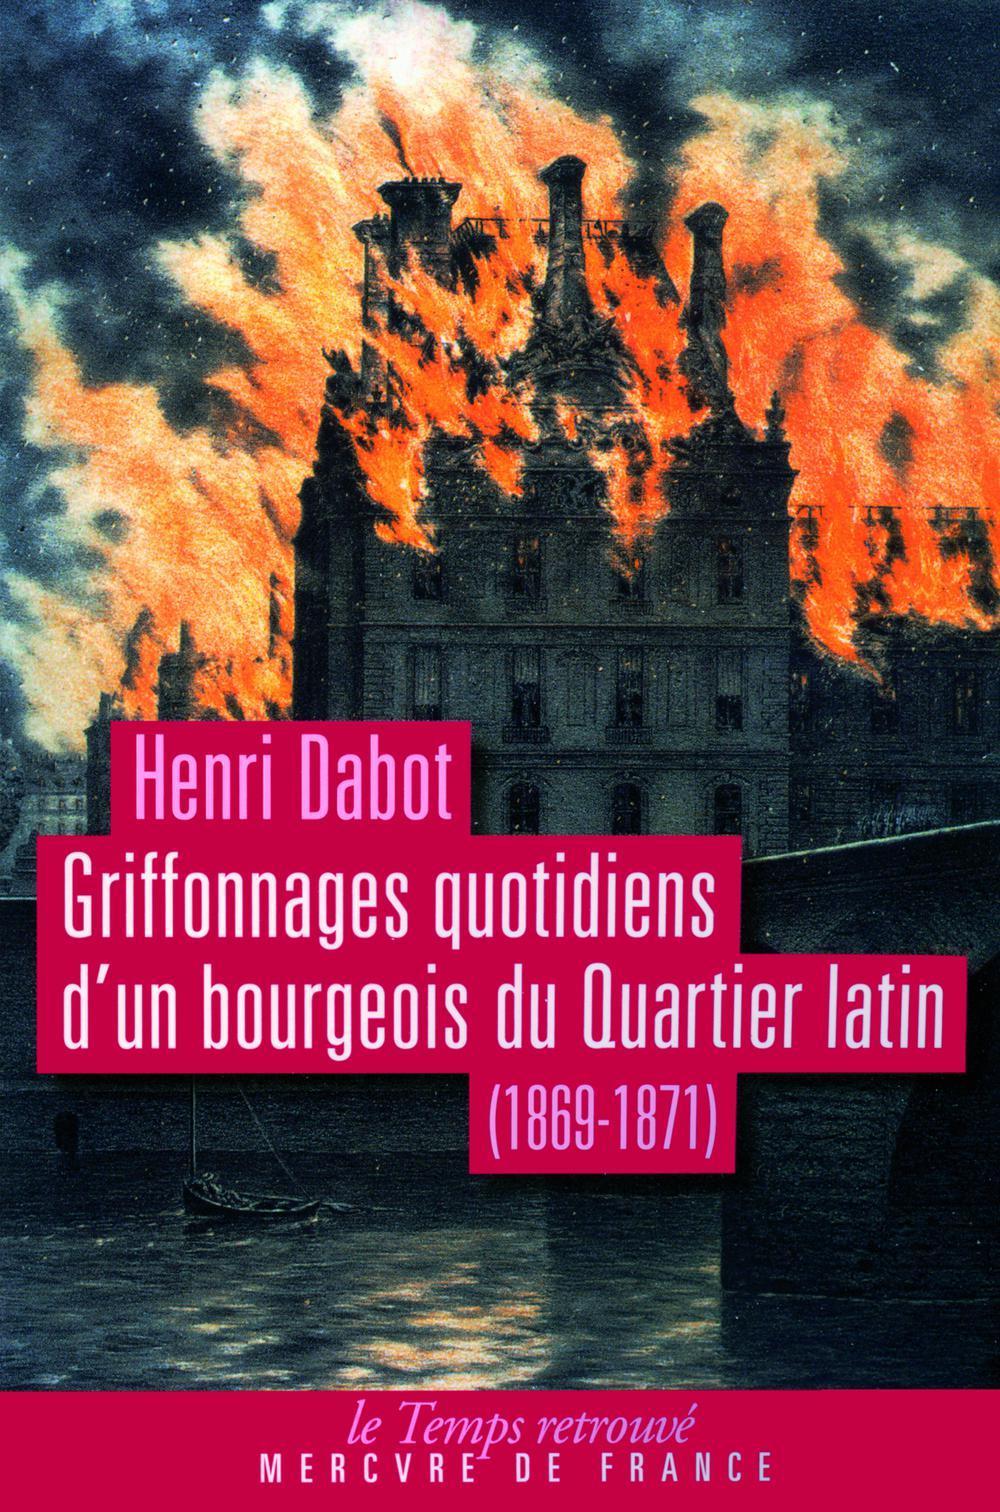 Griffonnages quotidiens d'un bourgeois du Quartier latin, (1869-1871)